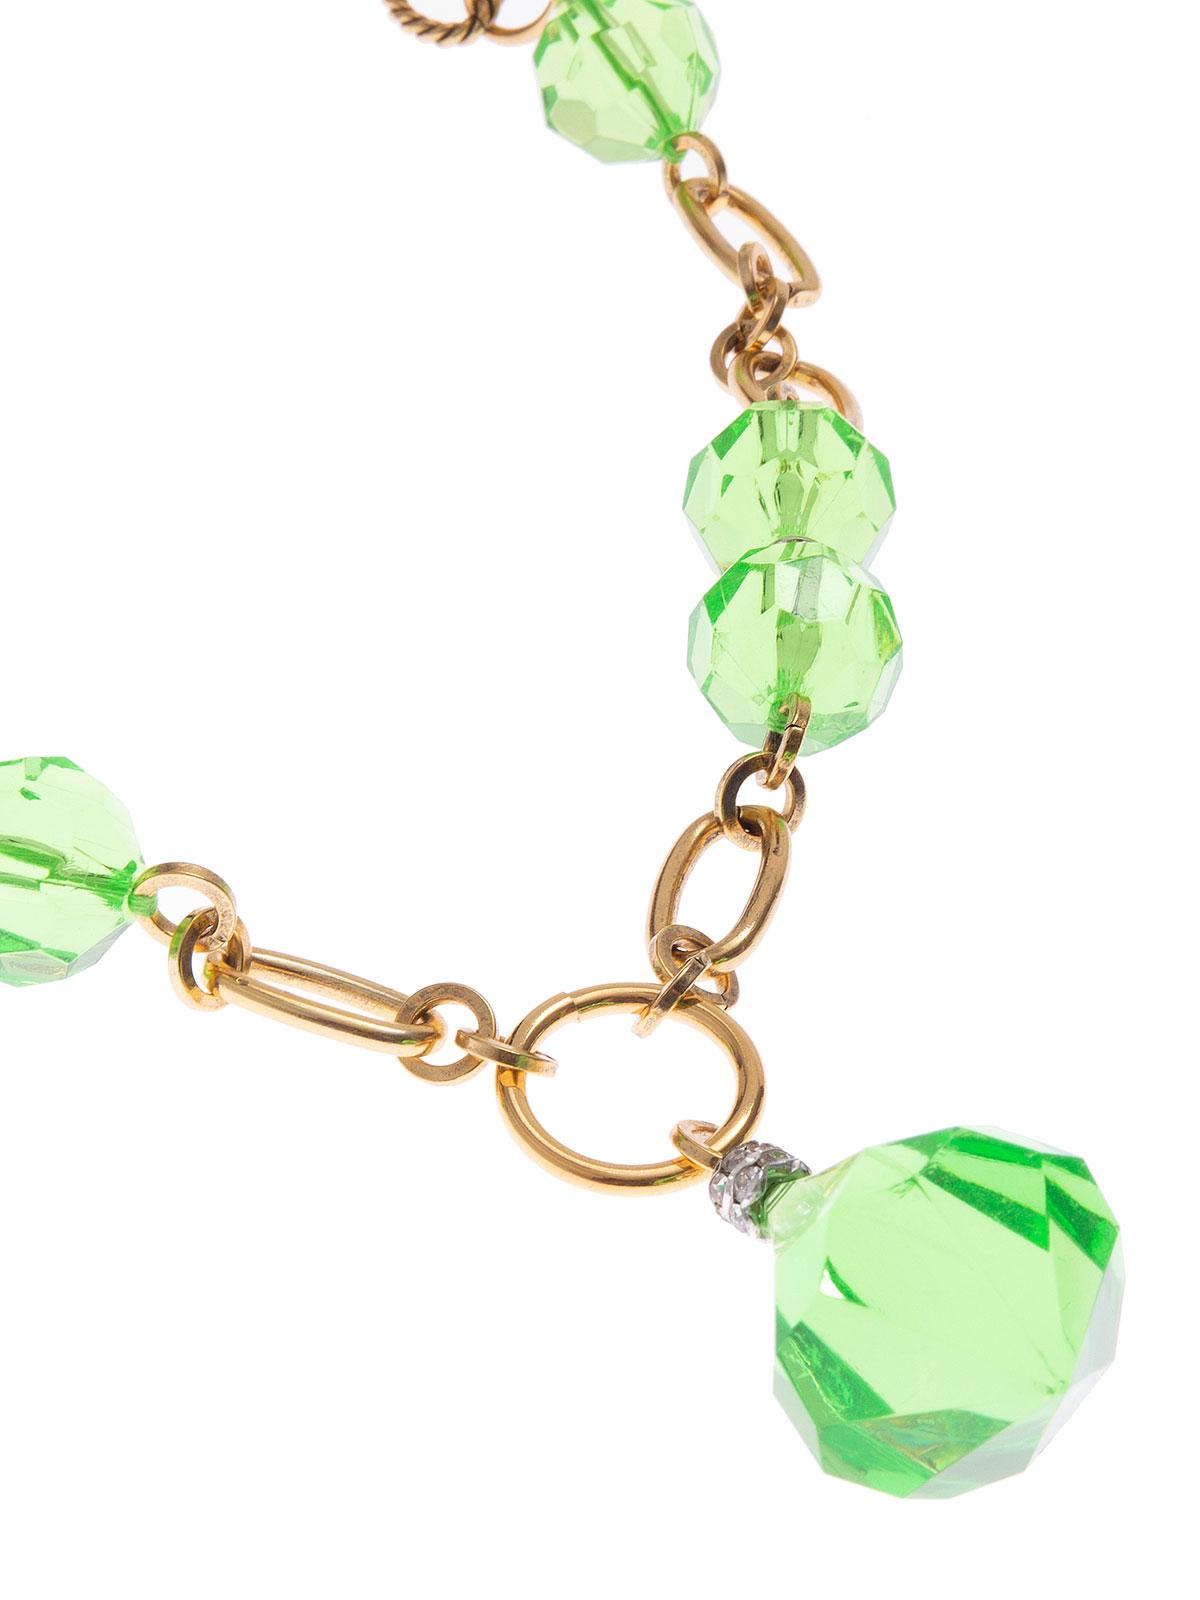 Collana catena con perle e gocce in plexiglass